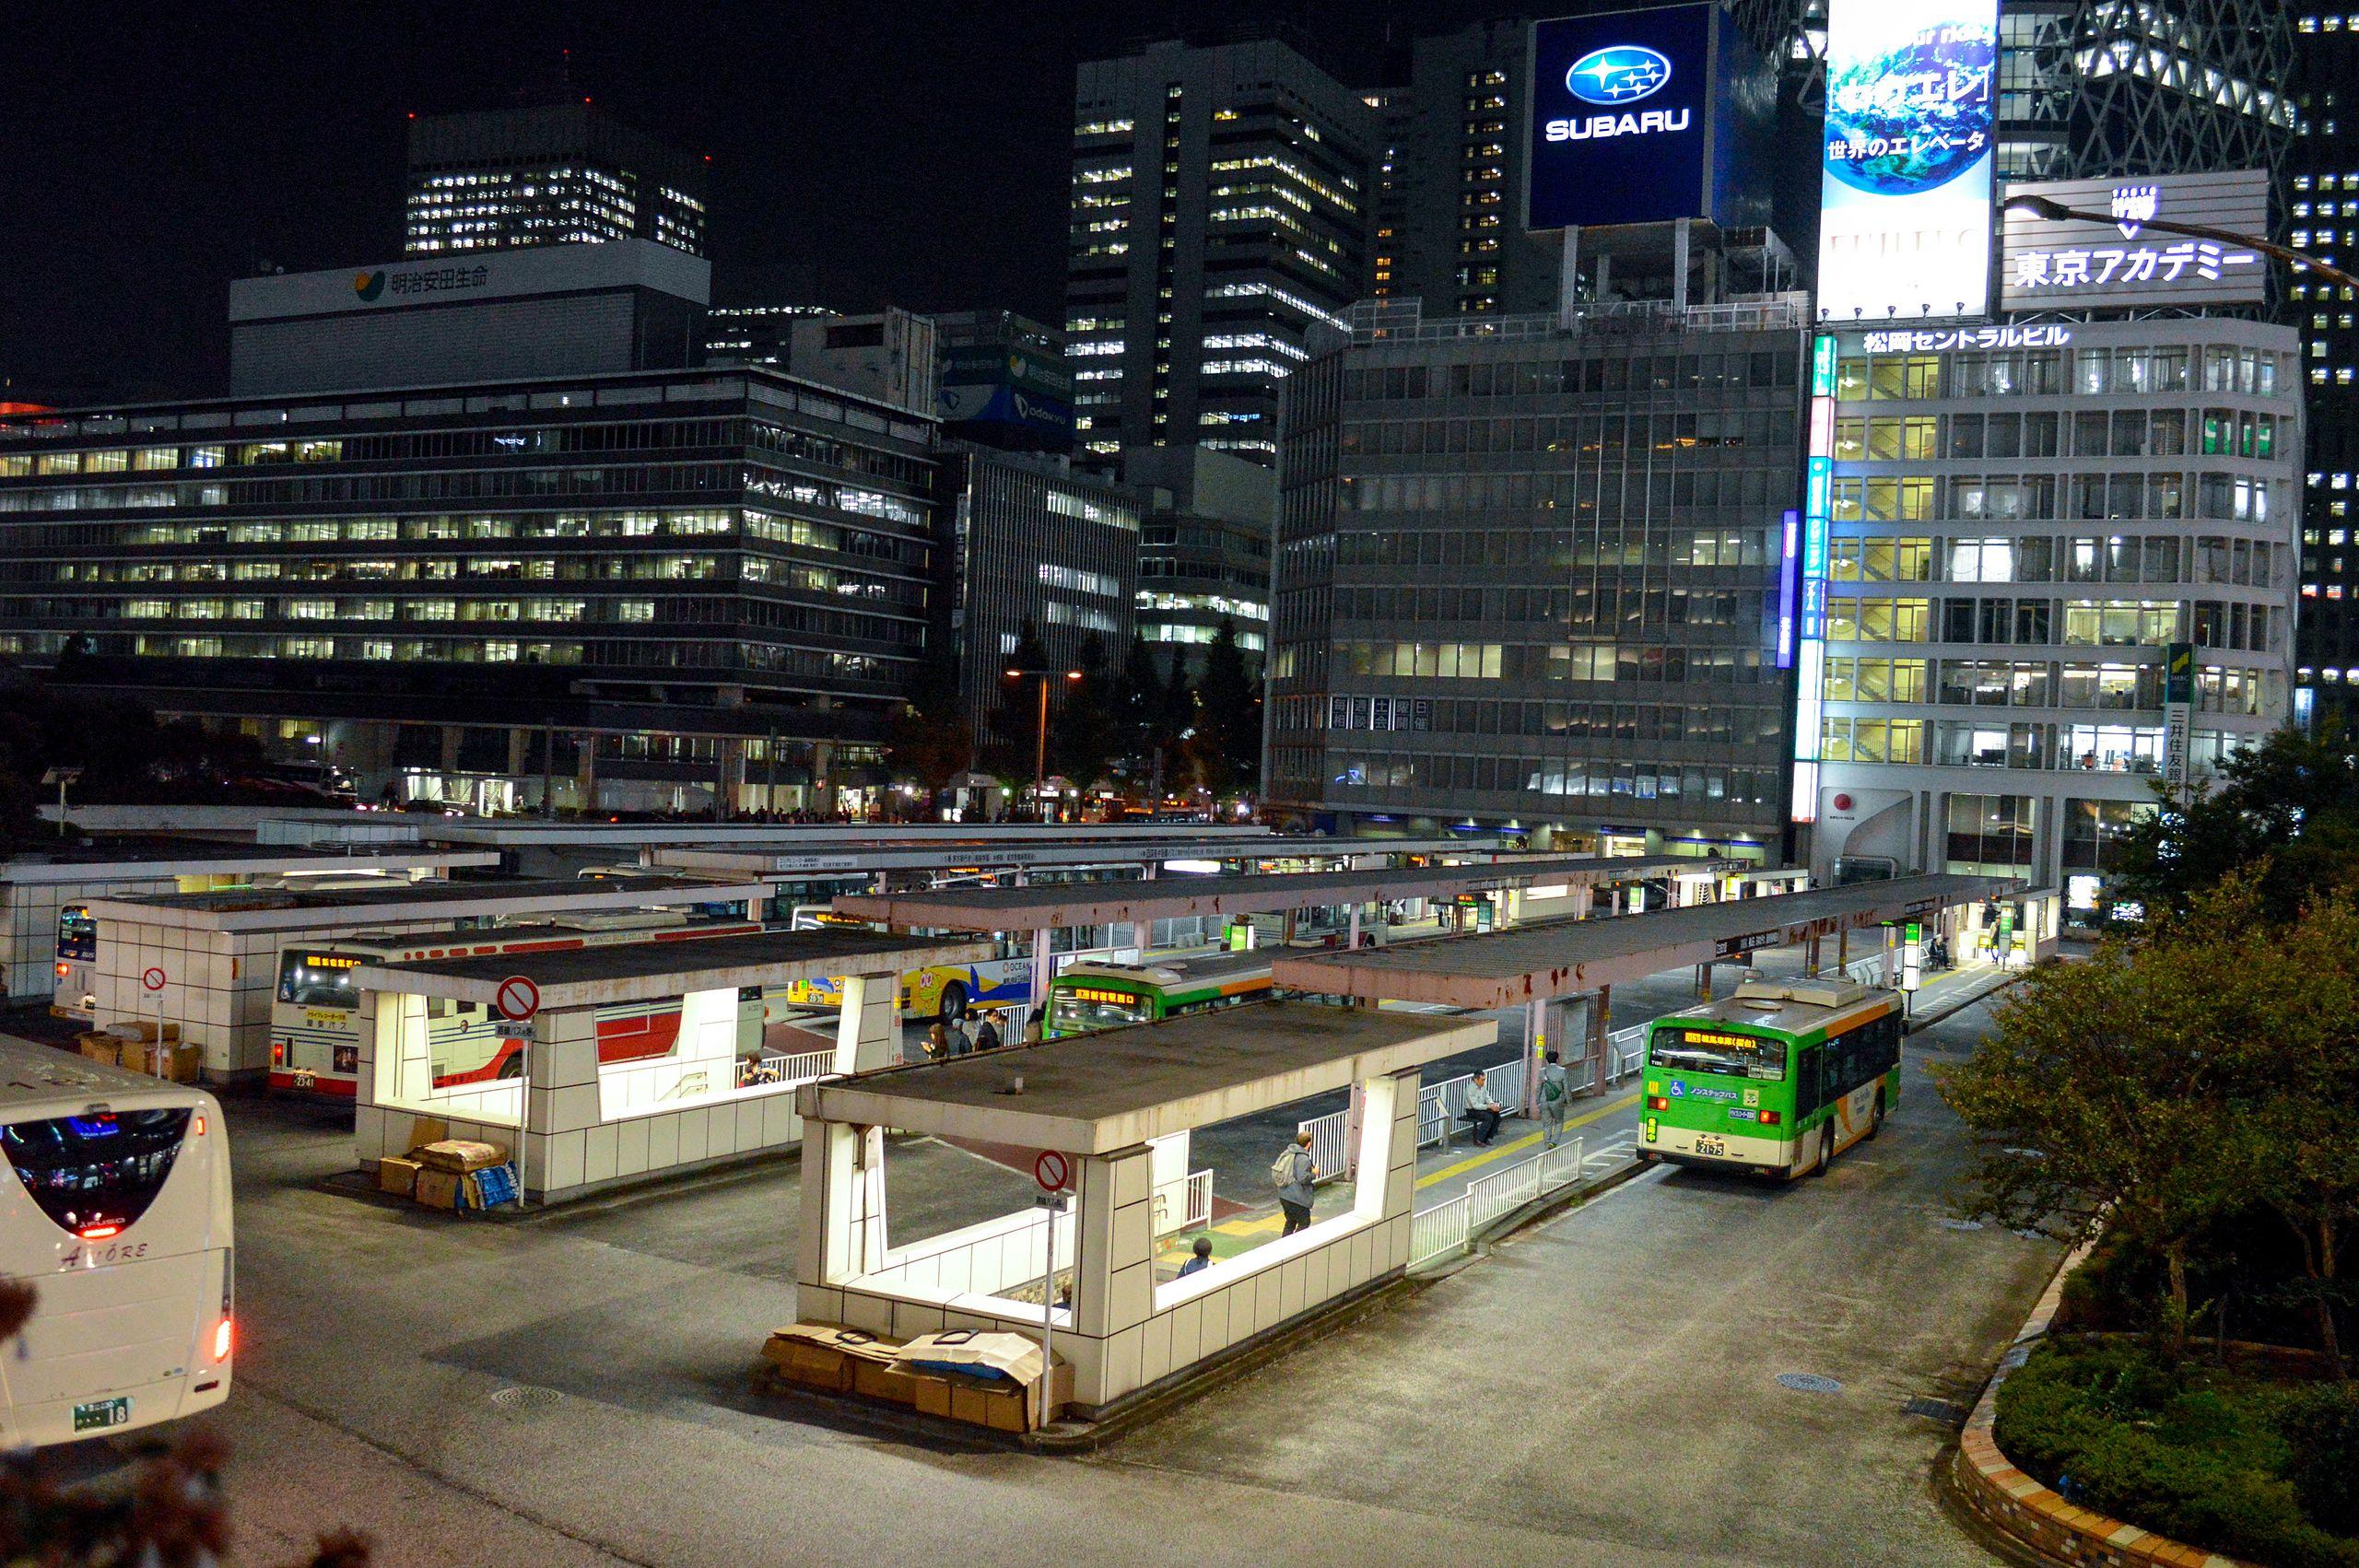 利木津巴士新宿站西口24番疑問 #9165299